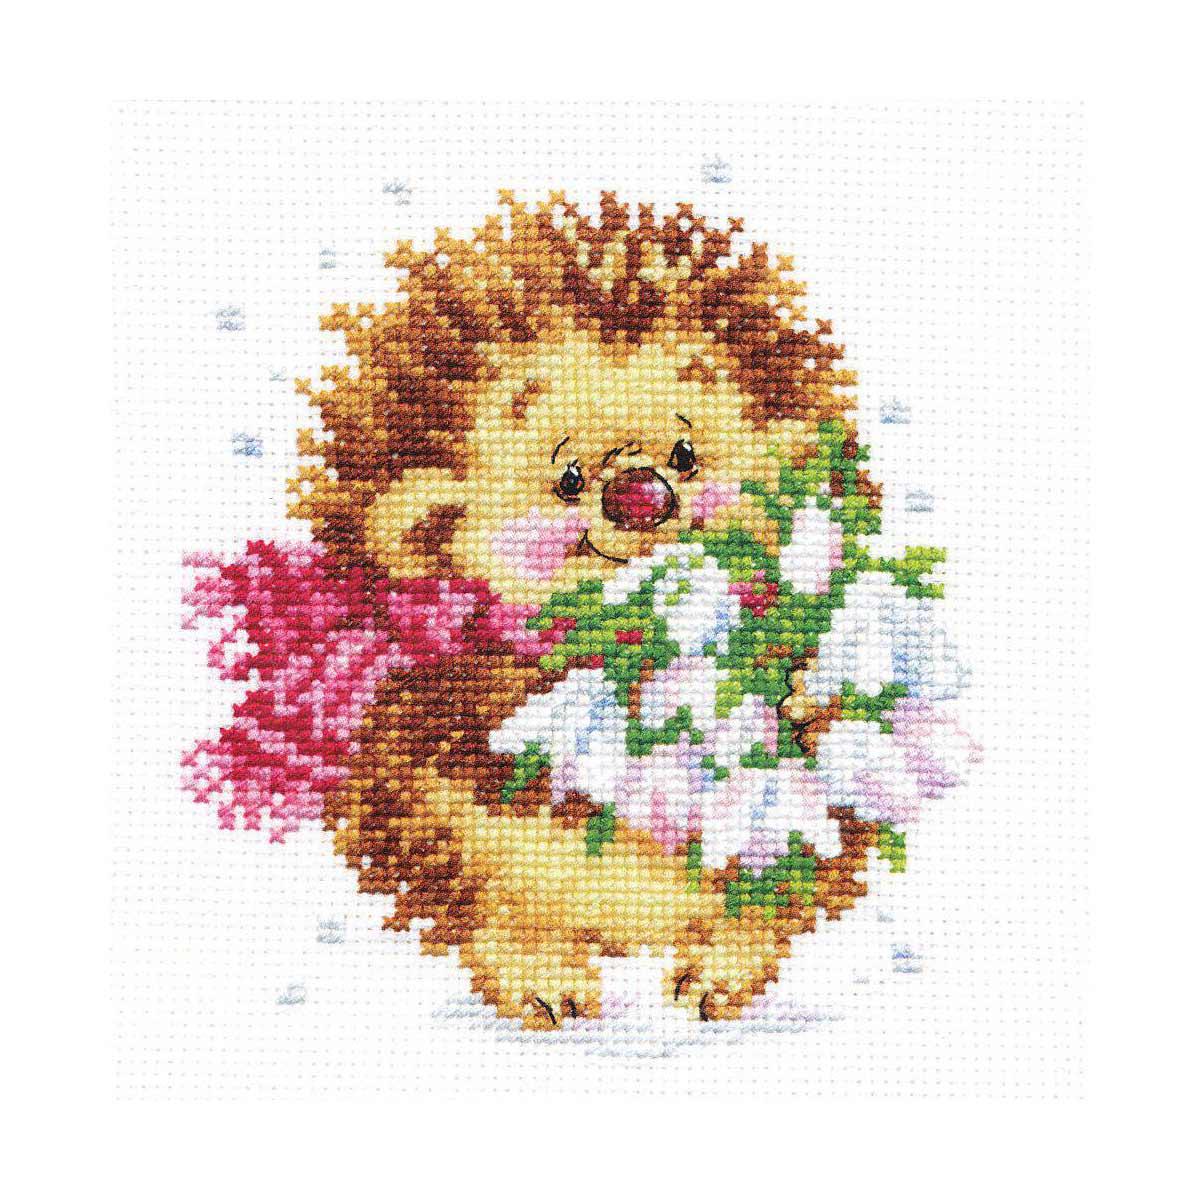 0-89 Набор для вышивания АЛИСА 'Весенний ёжик' 11*13см